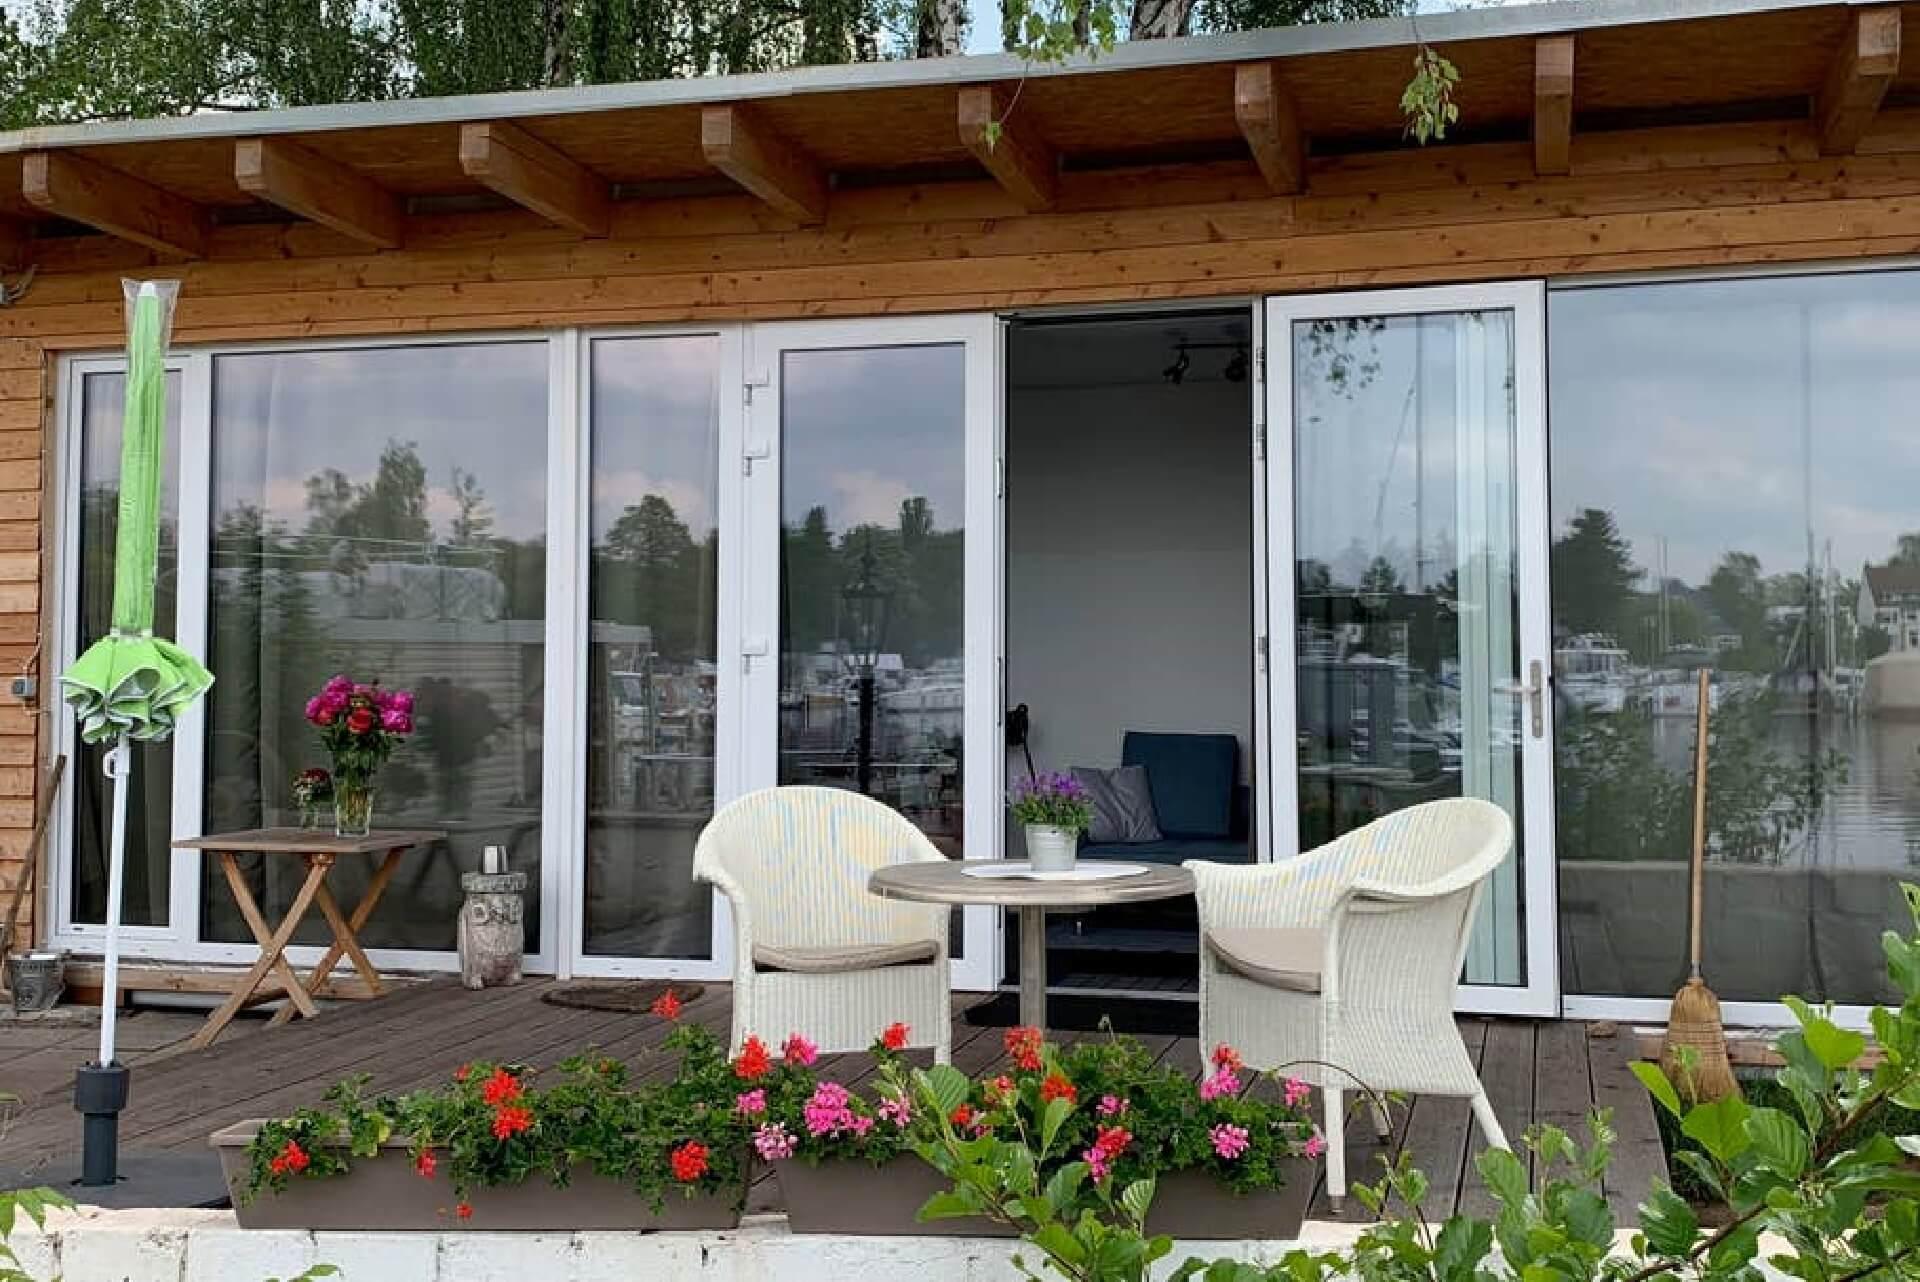 Full Size of Tiny House Bayern Steuereinnahmen Aus Der Grunderwerbsteuer Modulküche Holz Ikea Wohnzimmer Cocoon Modulküche